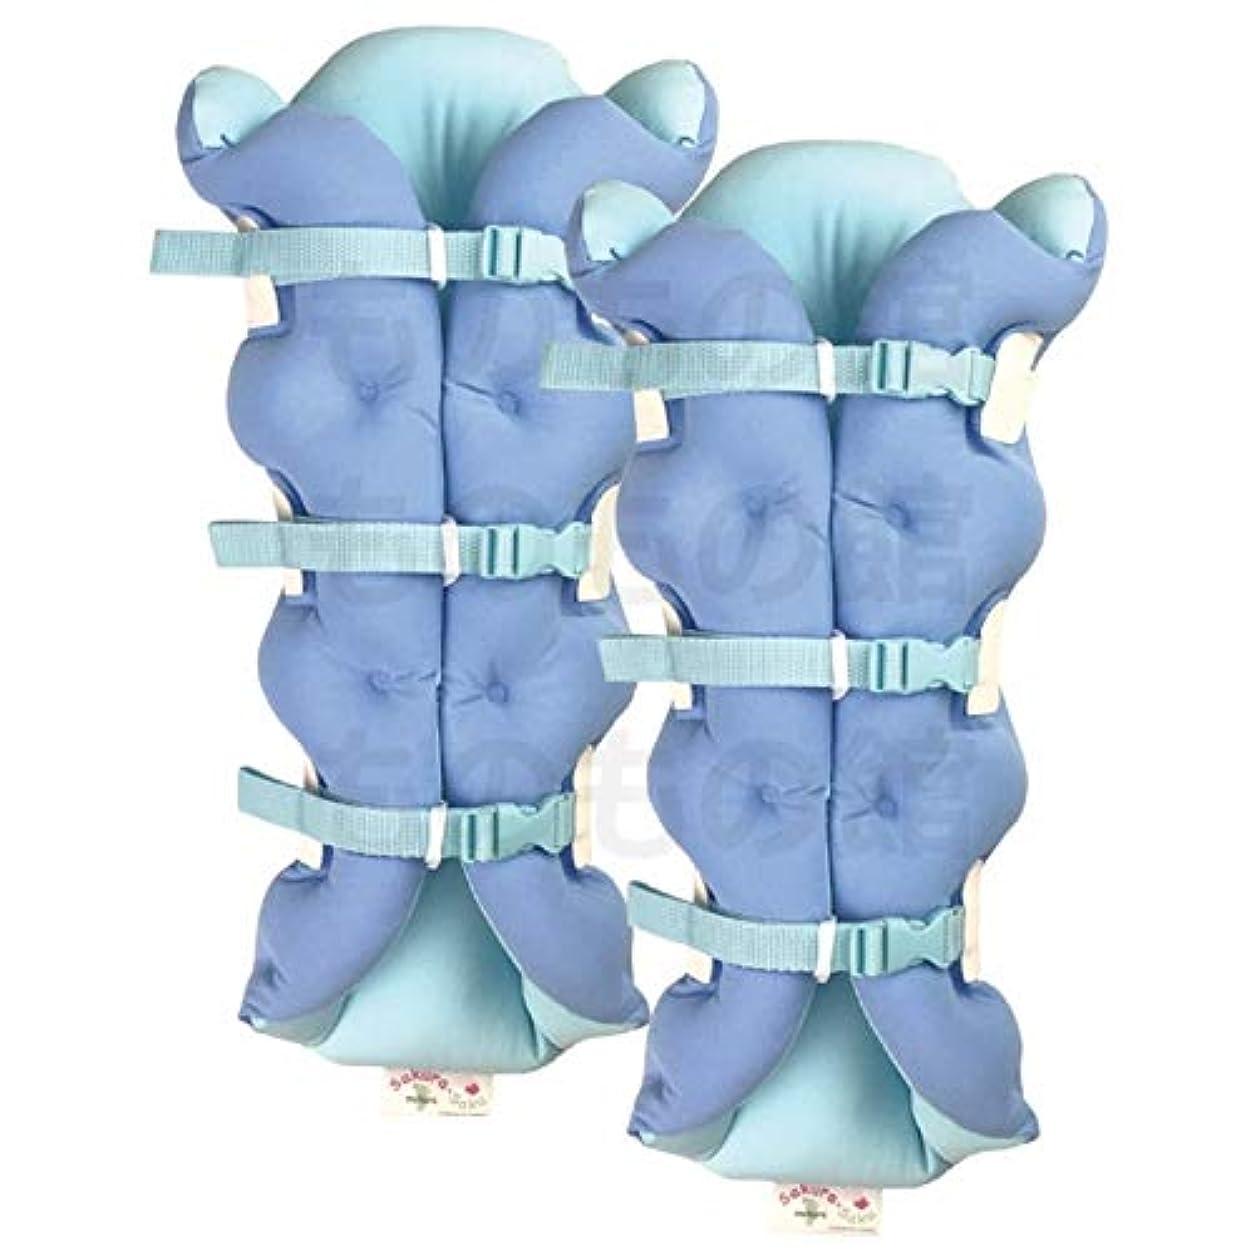 小数粒子繊維サクラ咲く足まくら EVOLUTION (両足セット) ブルー